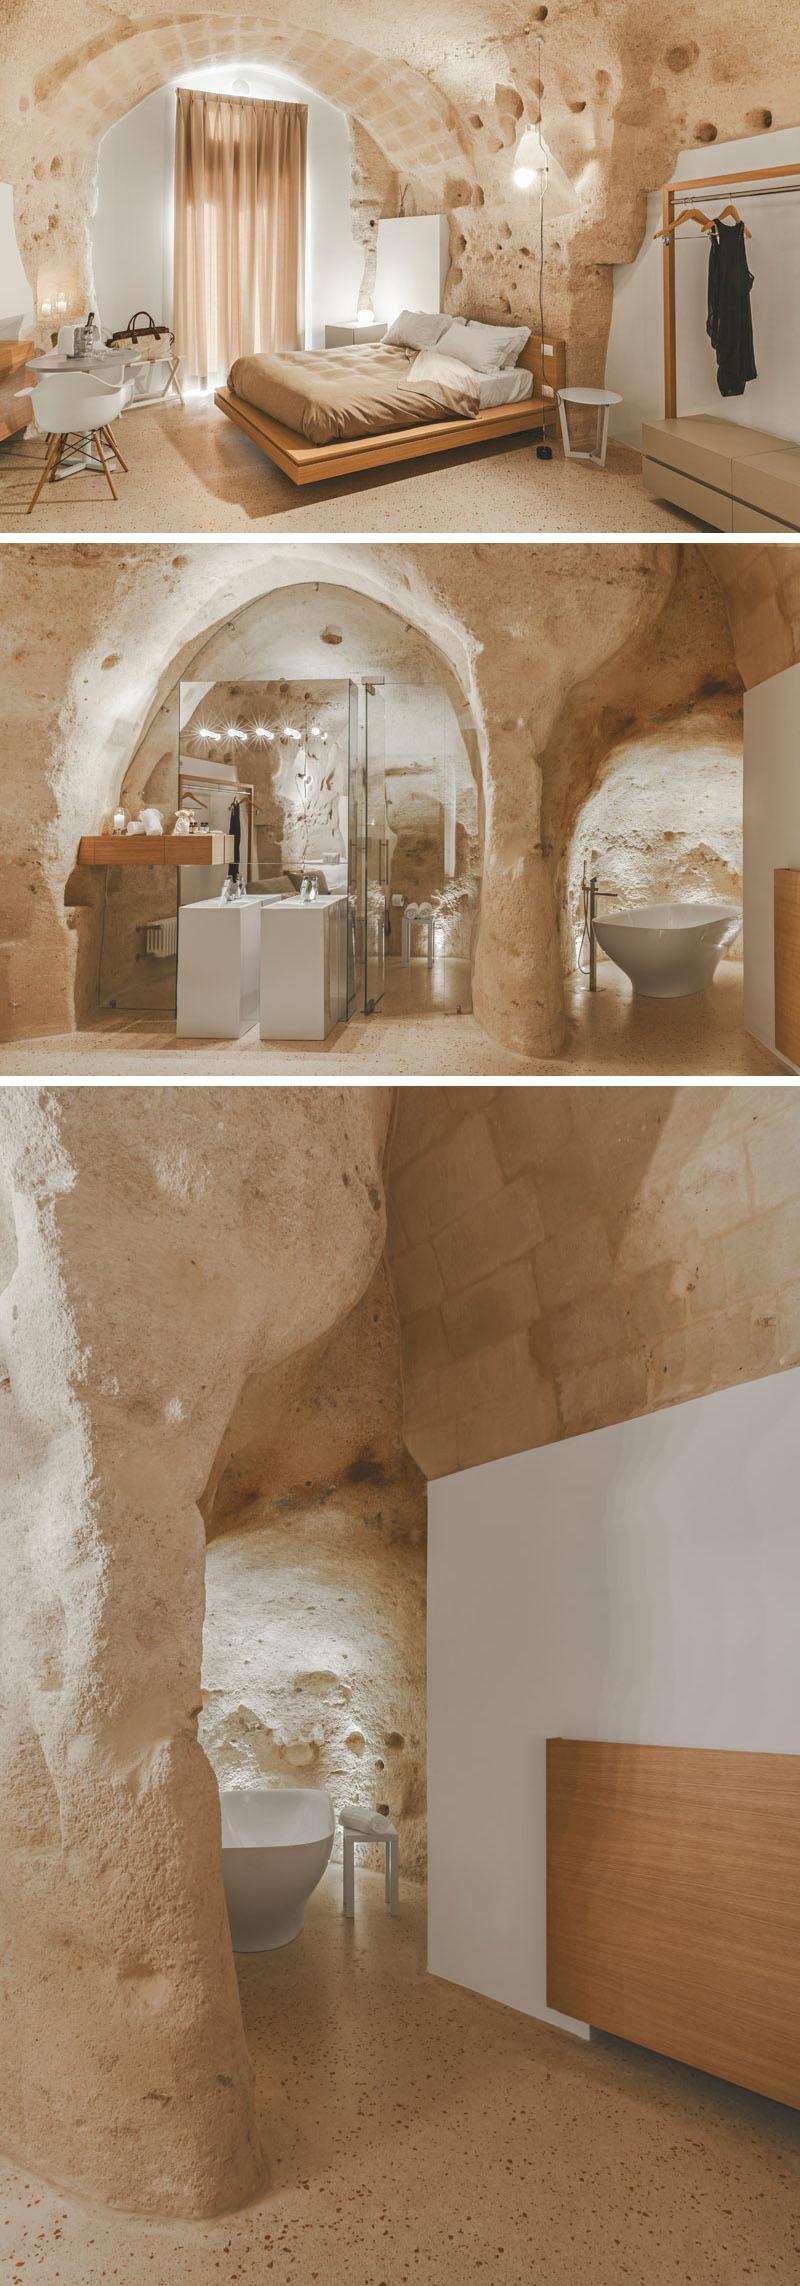 Arquitetos italianos transformam antiga caverna em um oásis moderno 02